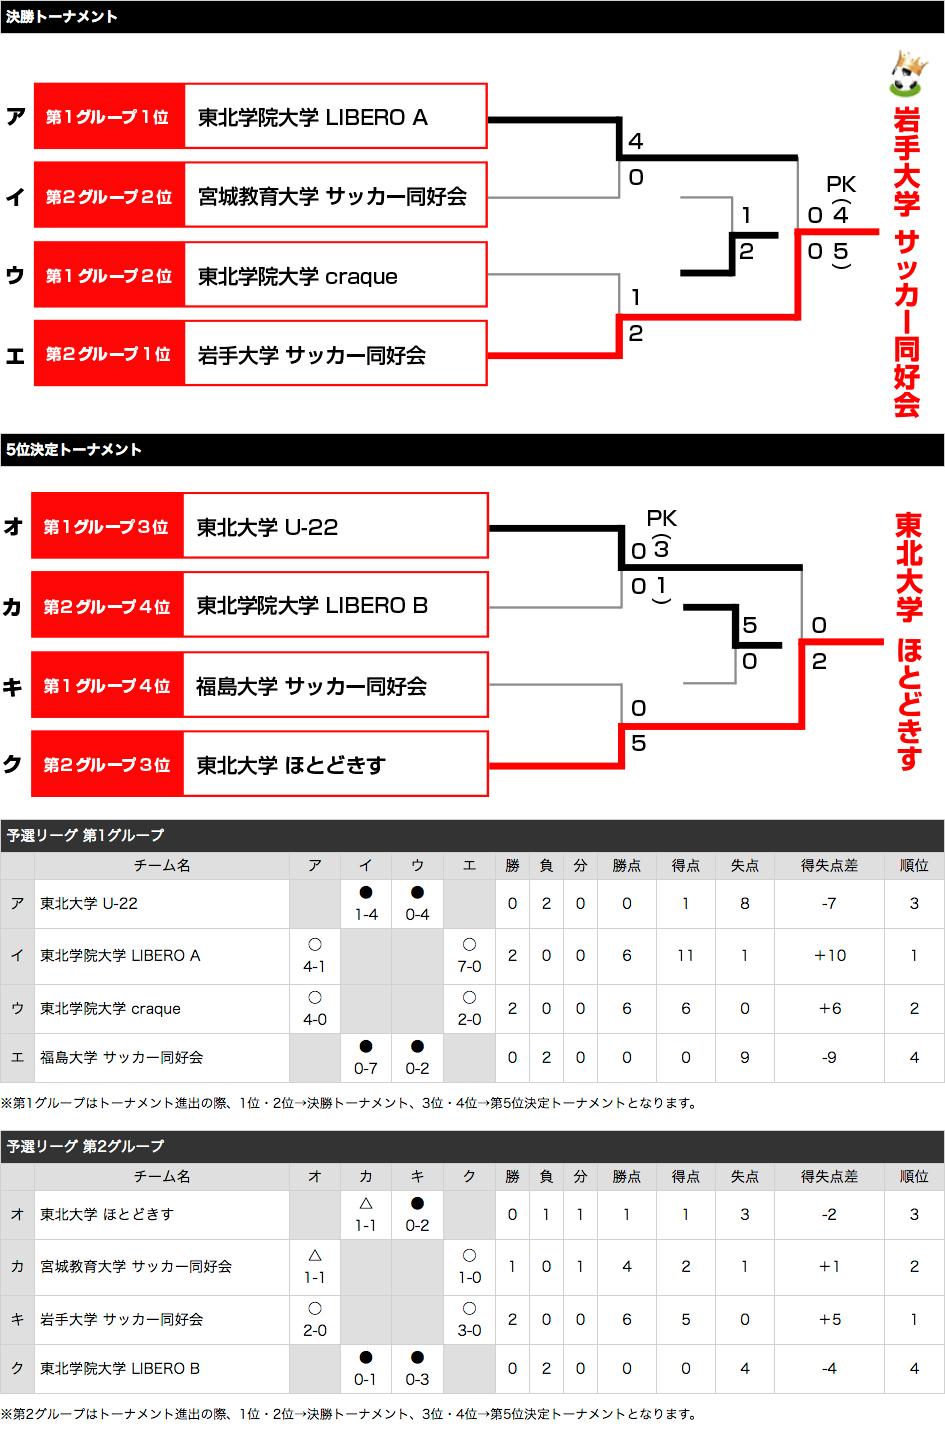 東北・北海道予選2016 トーナメント表